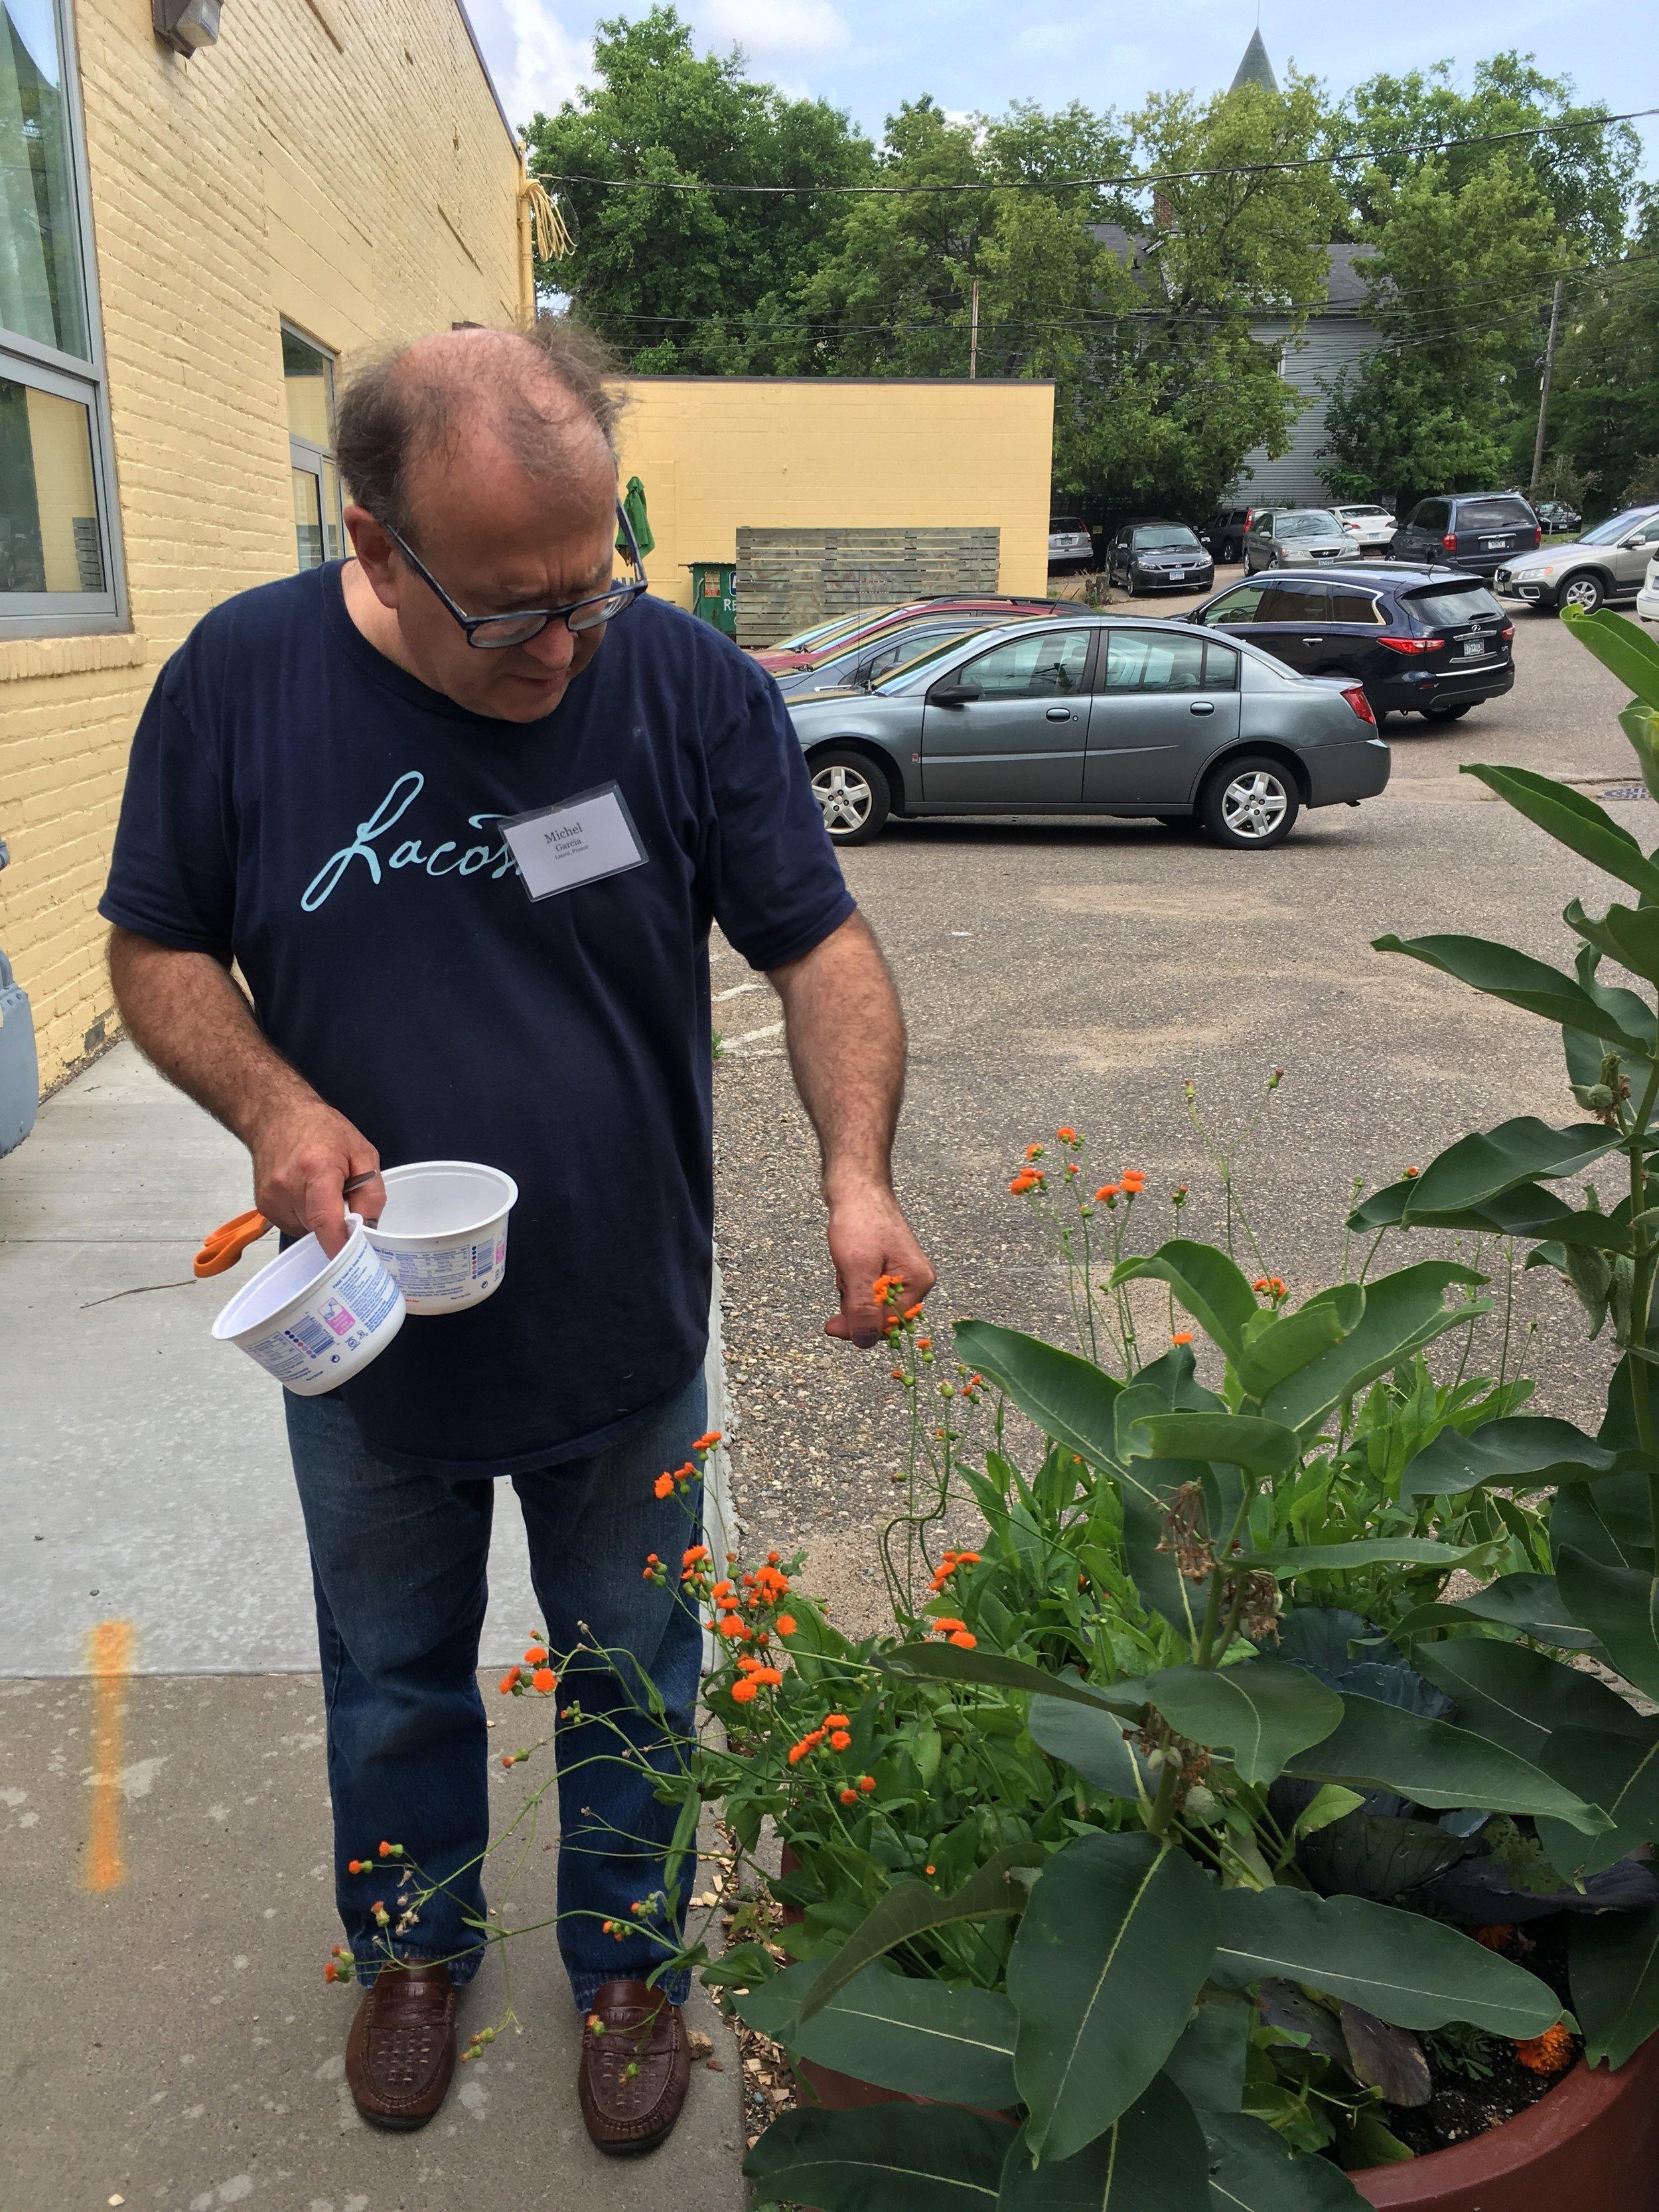 Michel Garcia choosing plants from the dye garden to test in an immersion dye bath.